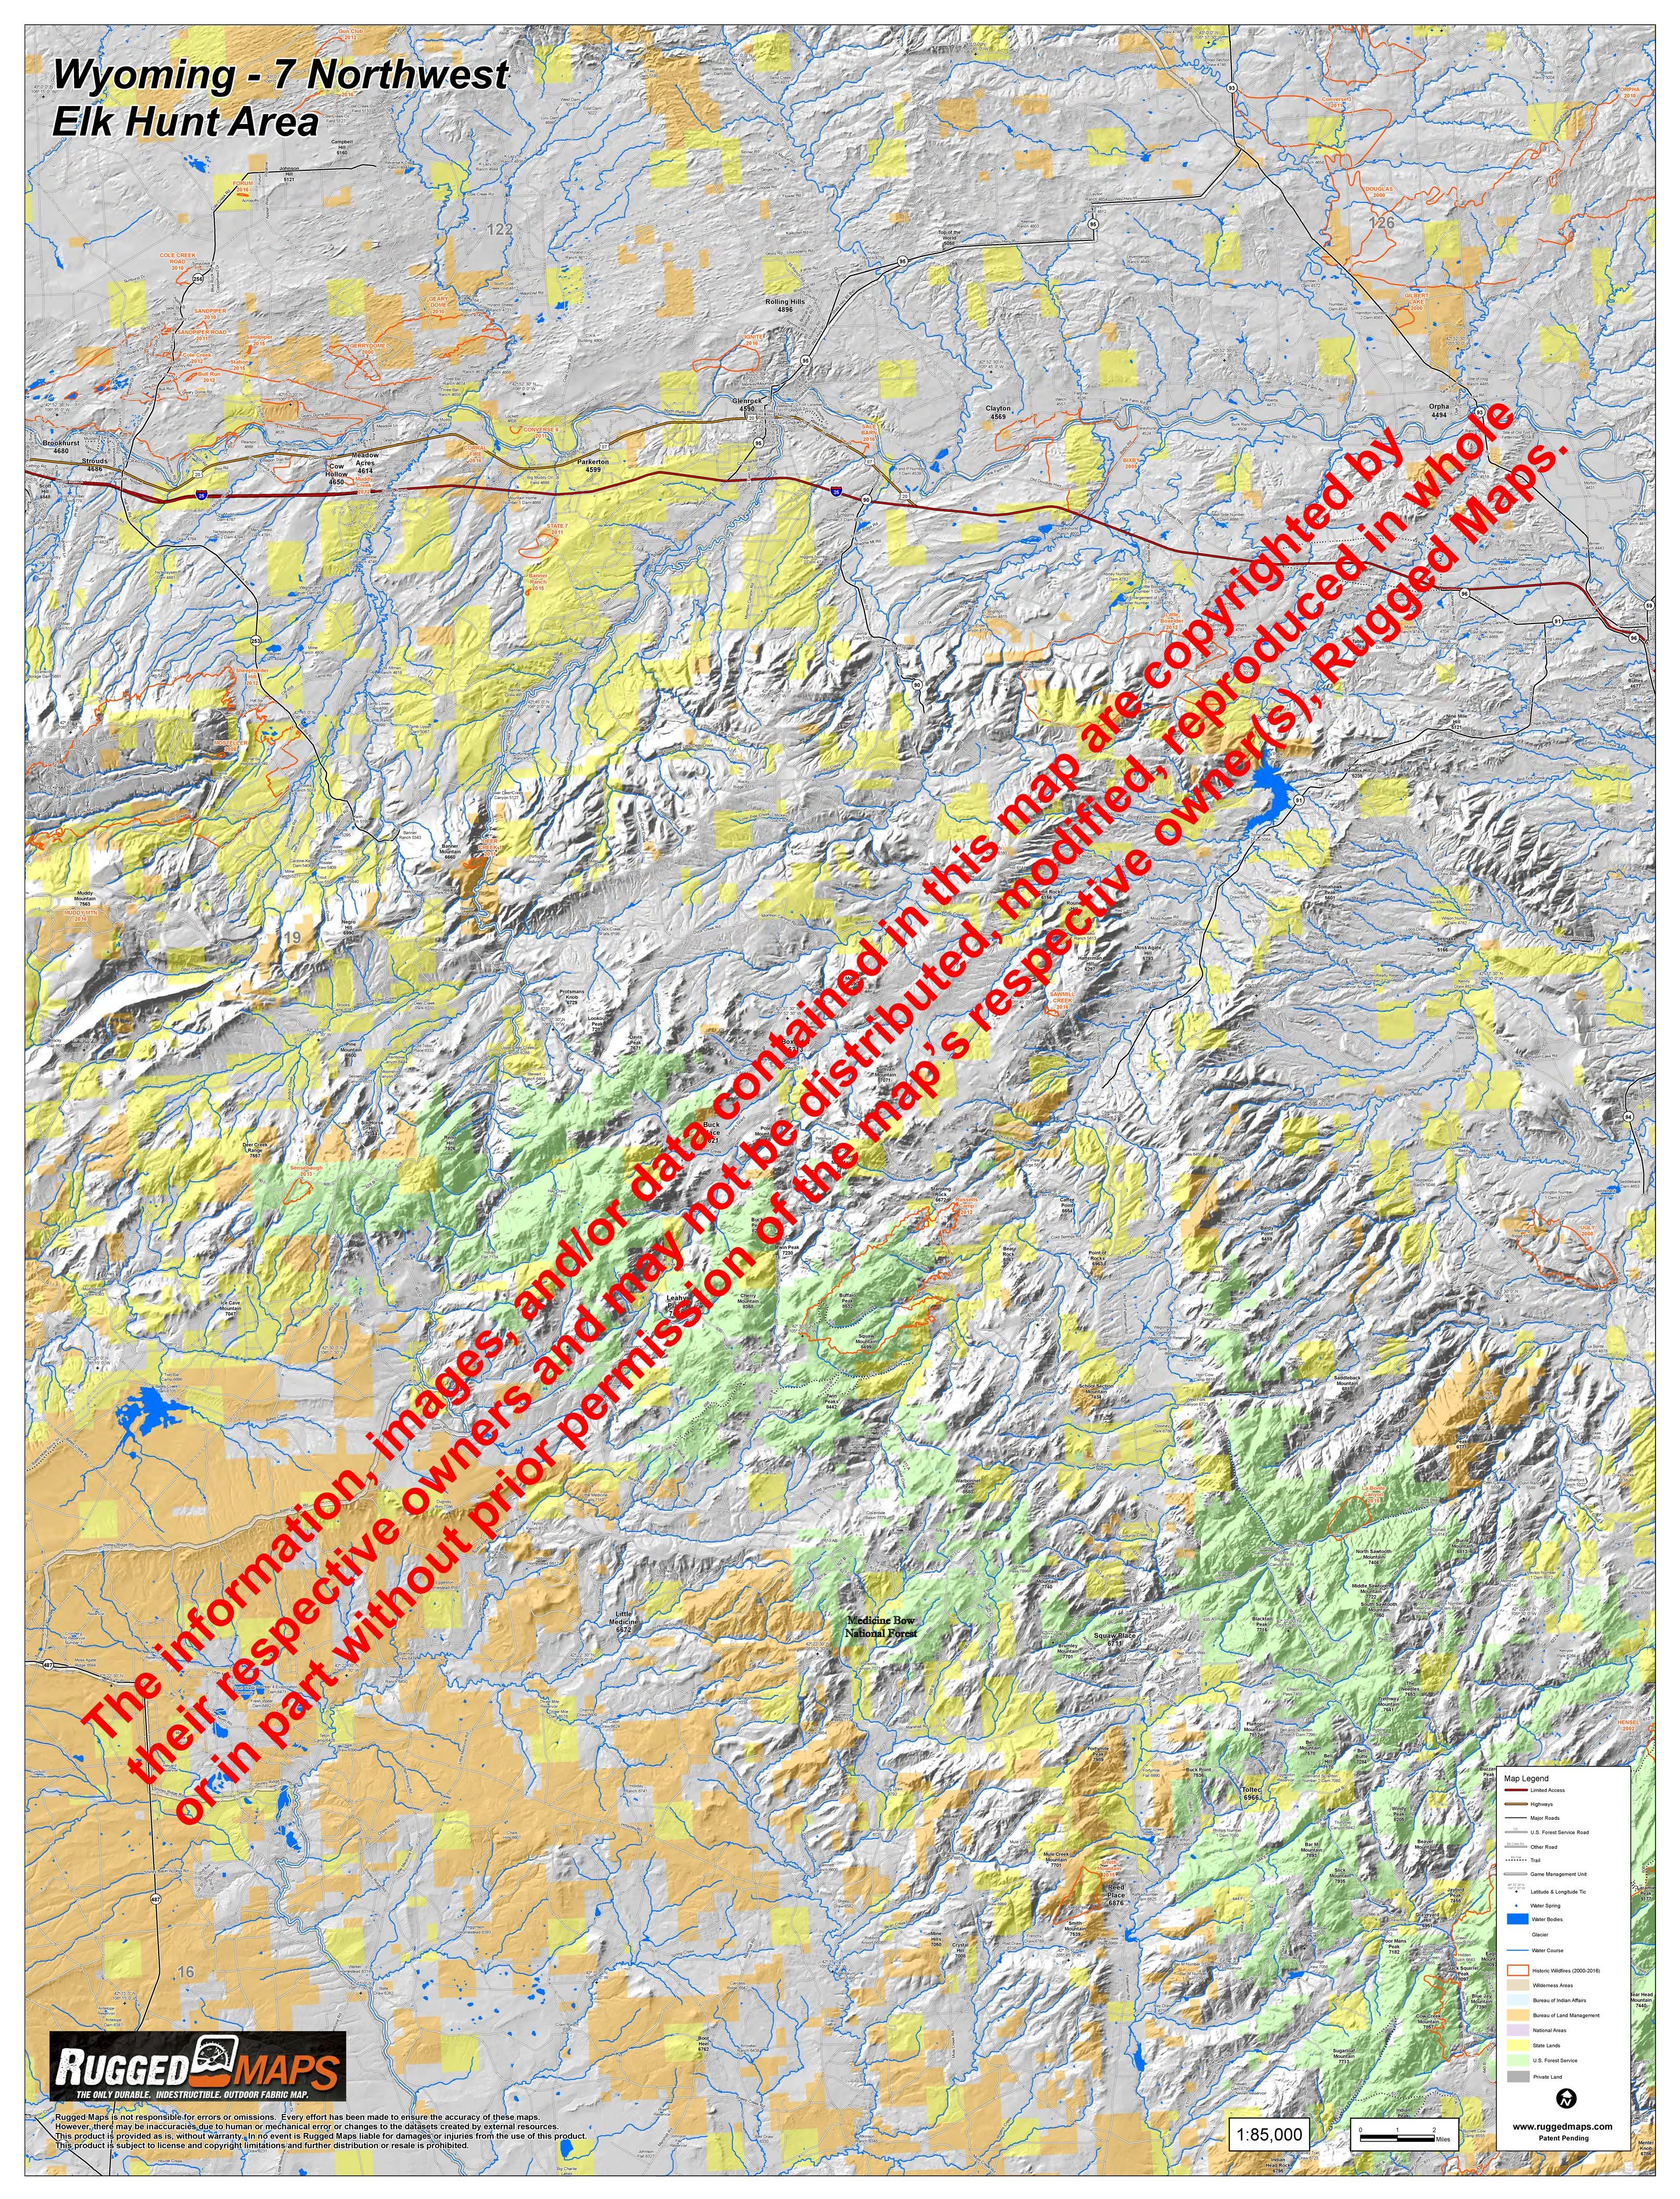 Wyoming | Elk Hunt Area 7 - Laramie Peak Northwest